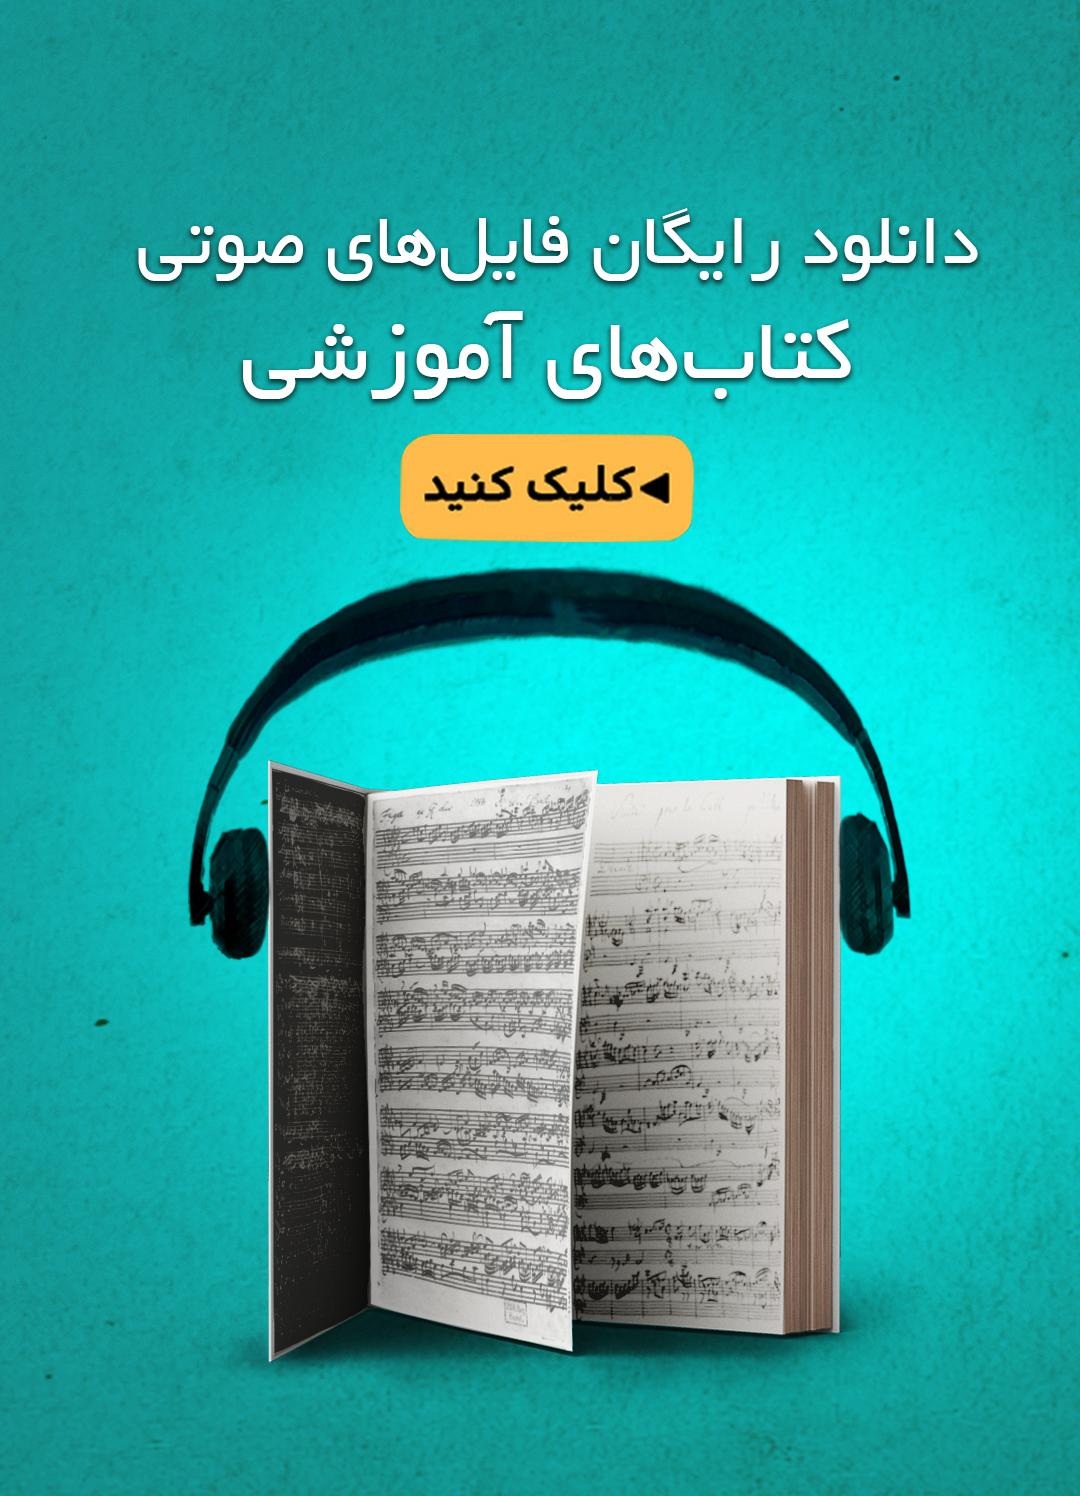 دانلود فایل های صوتی کتاب های آموزشی